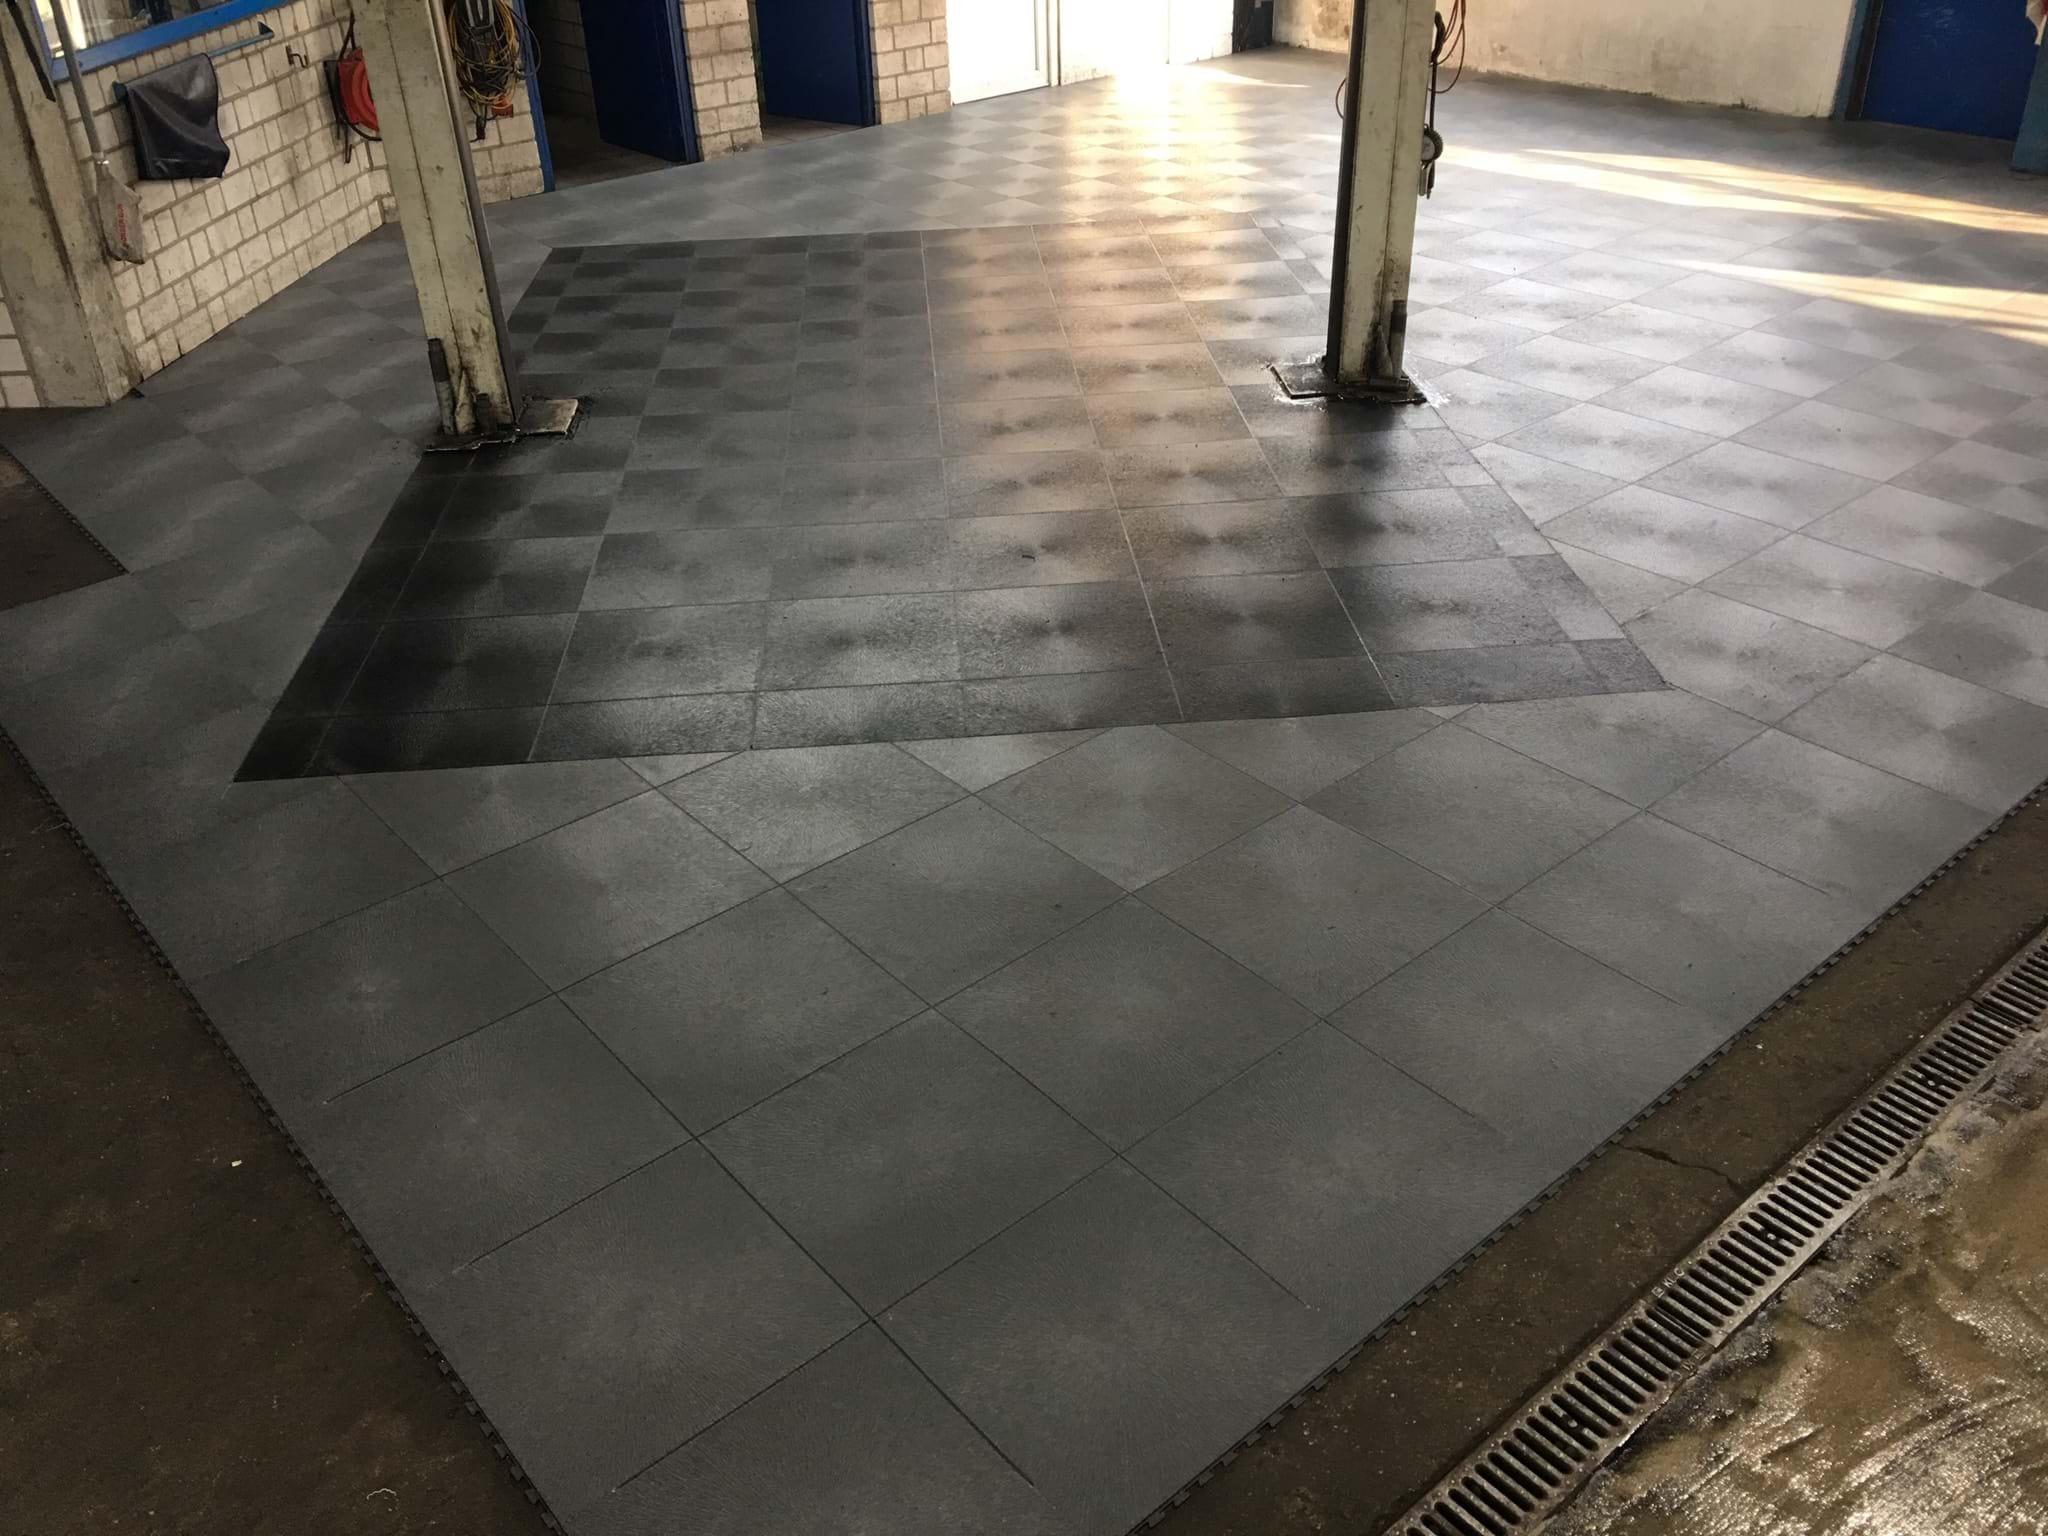 Fußbodenbelag Werkstatt ~ Werkstattboden flexi tile pvc werkstattfliesen